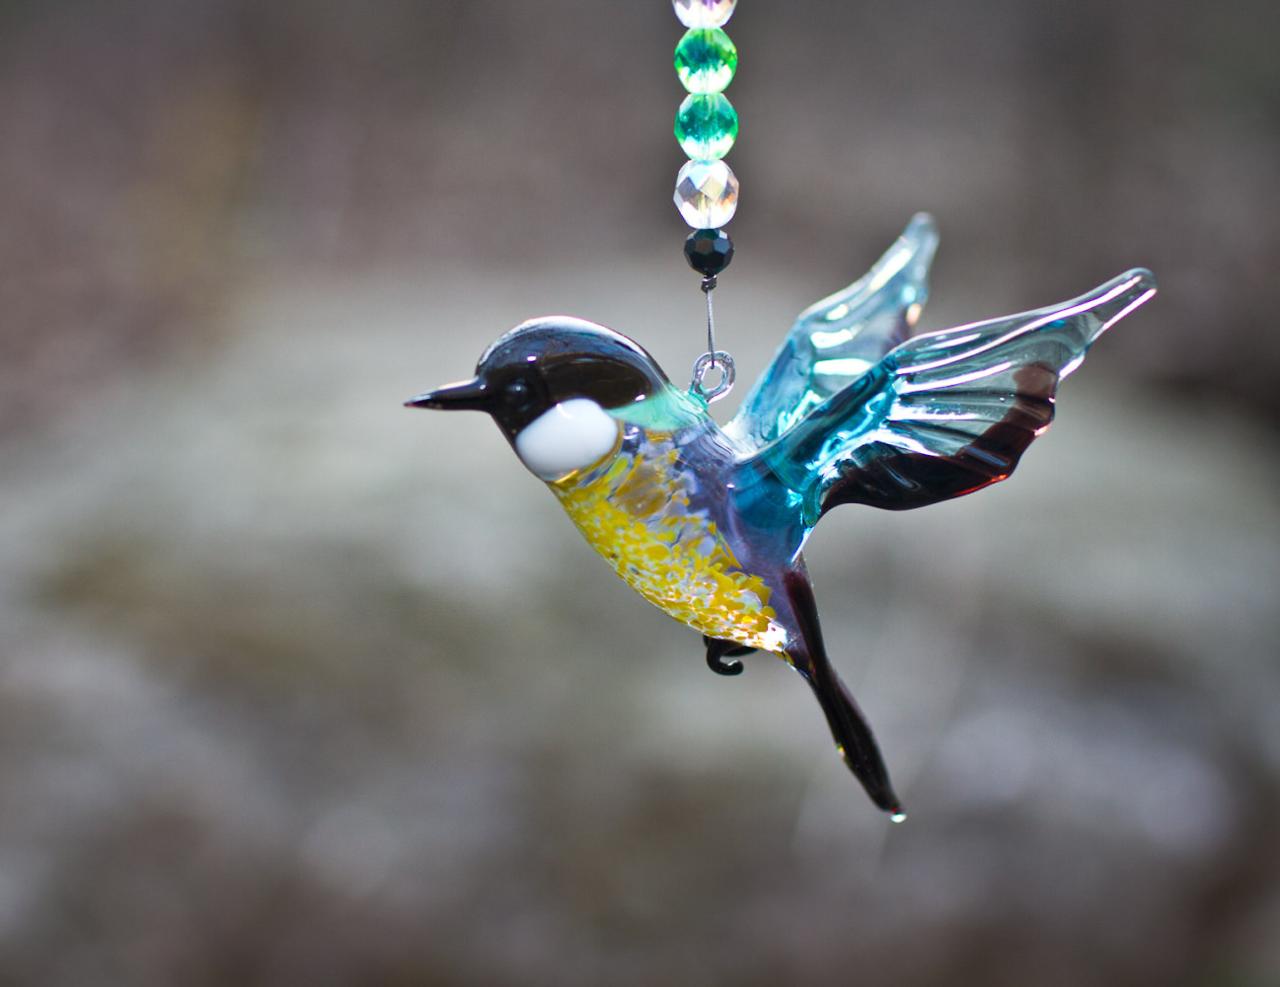 Птицы из стекла. Хрупкое, но удивительно красивое творчество!